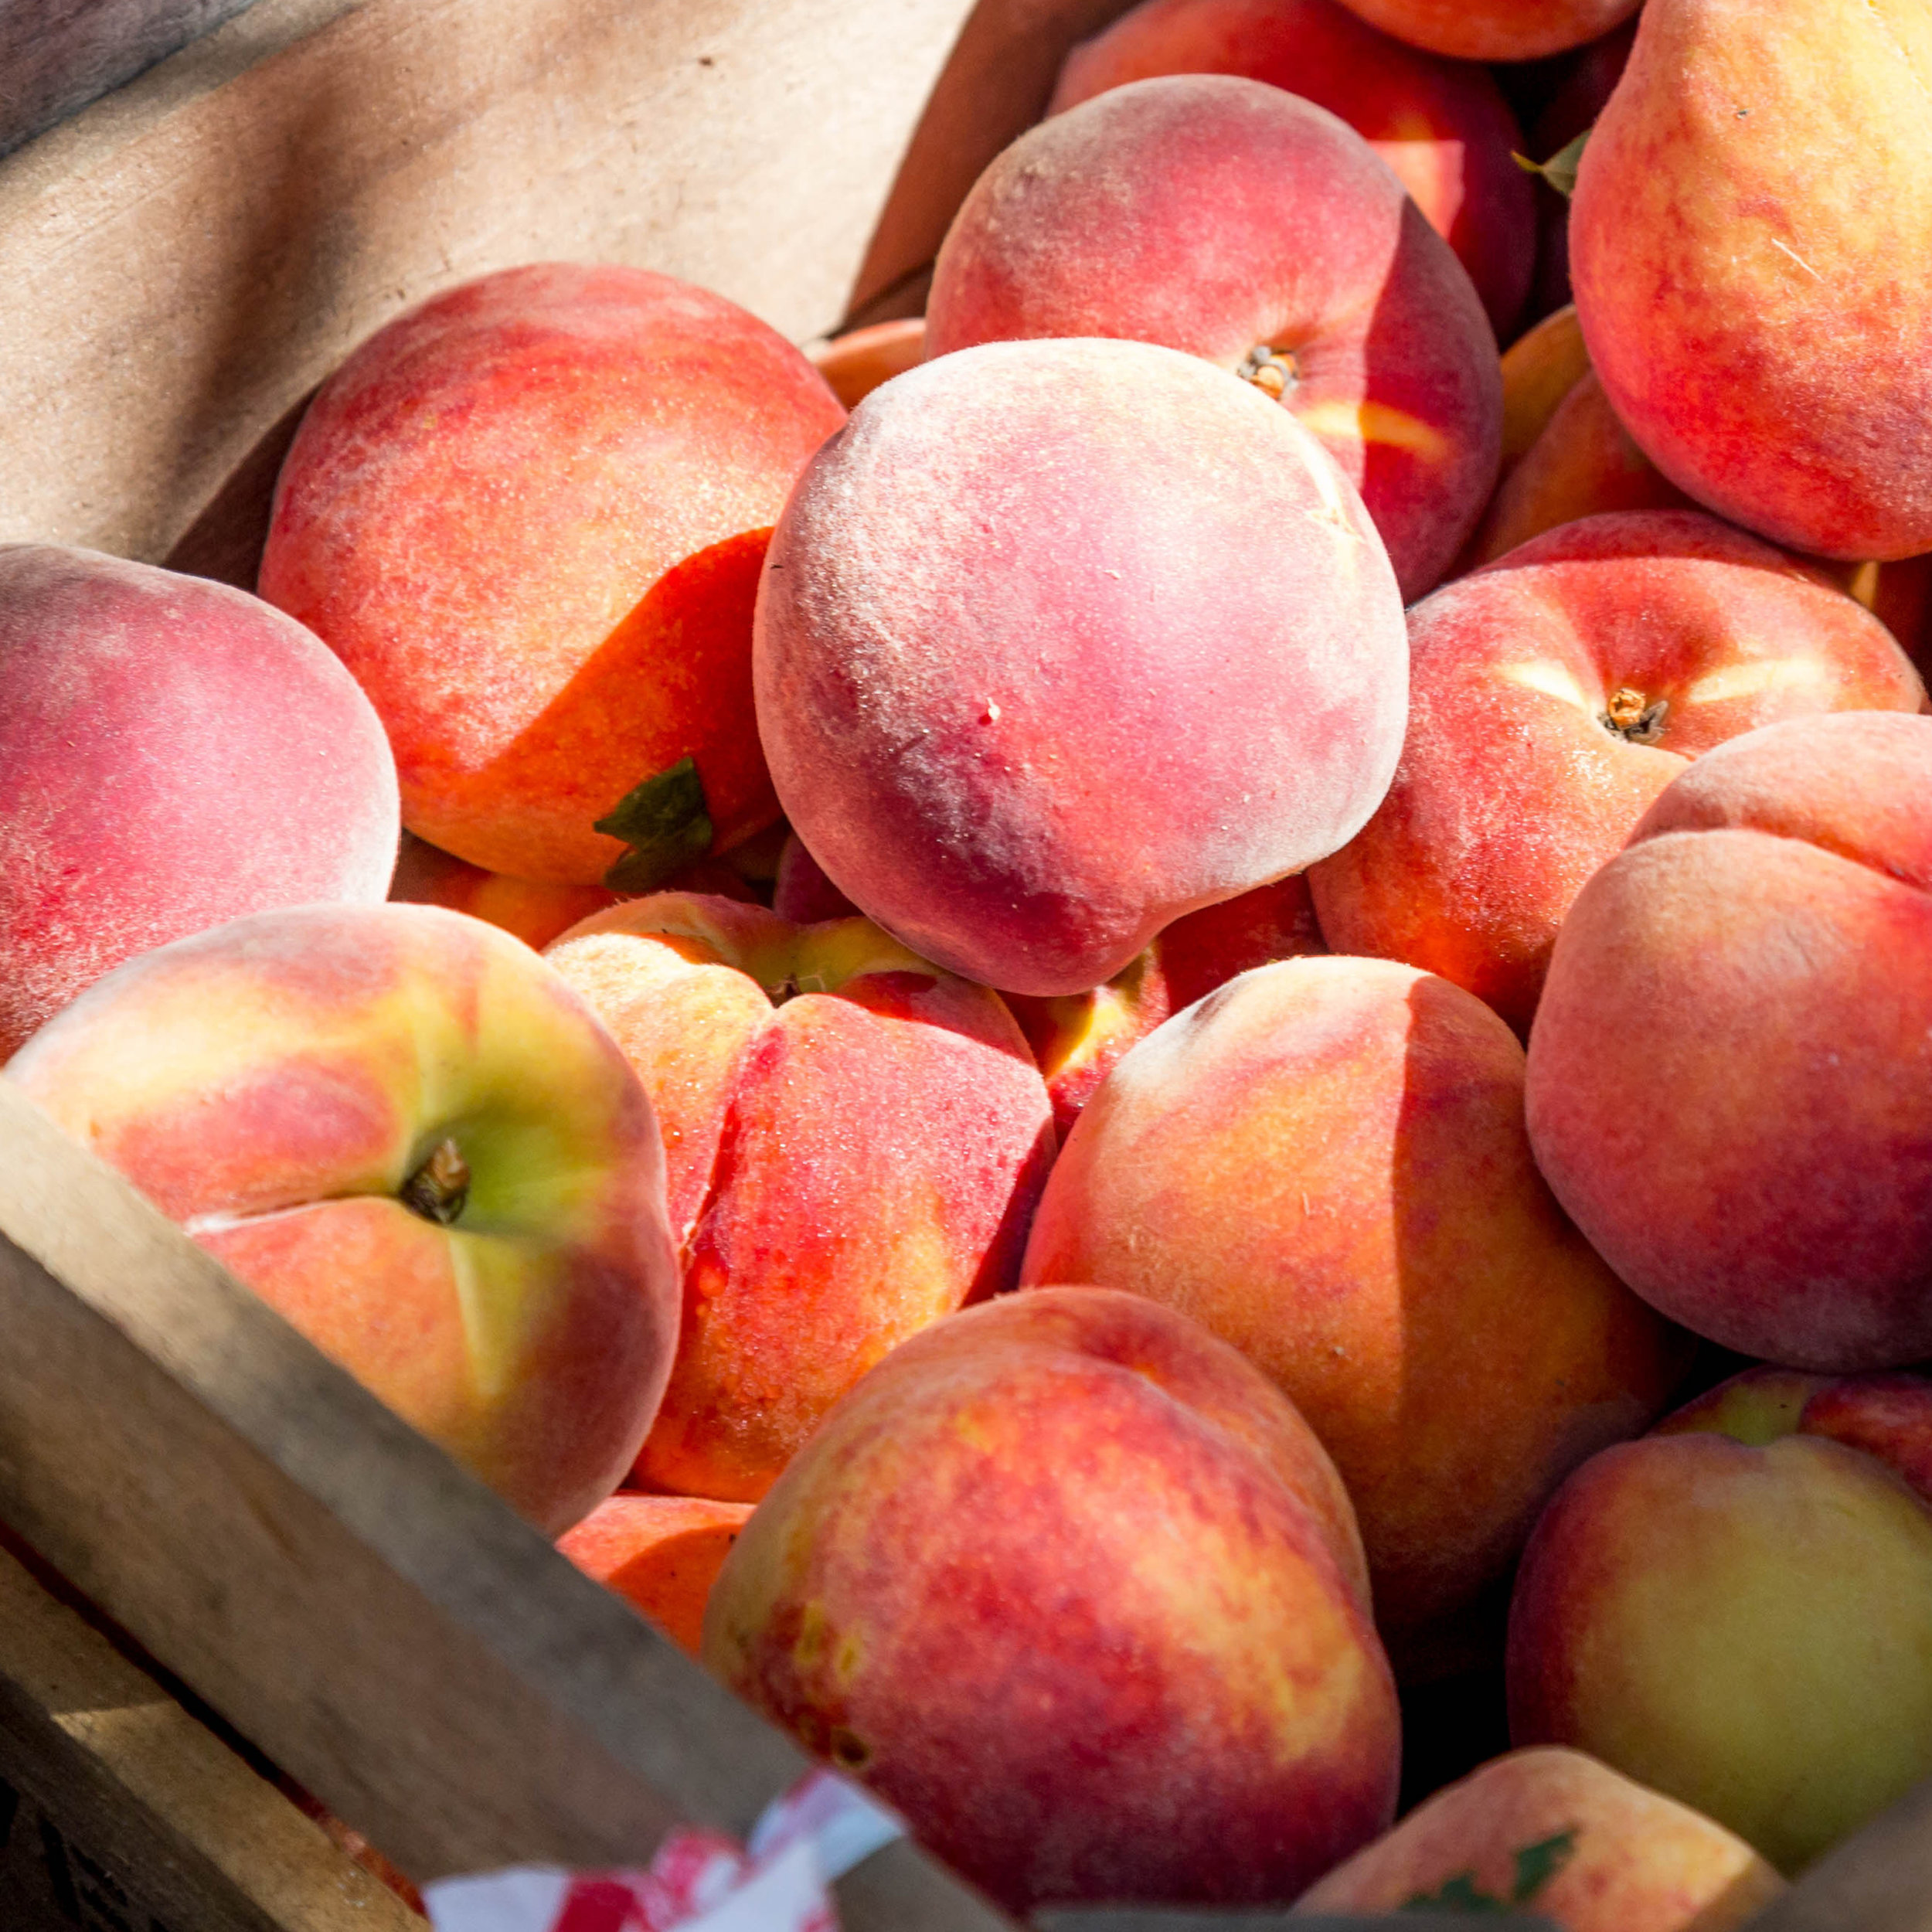 fruit-luann-hunt-755982-unsplash-crop.jpg